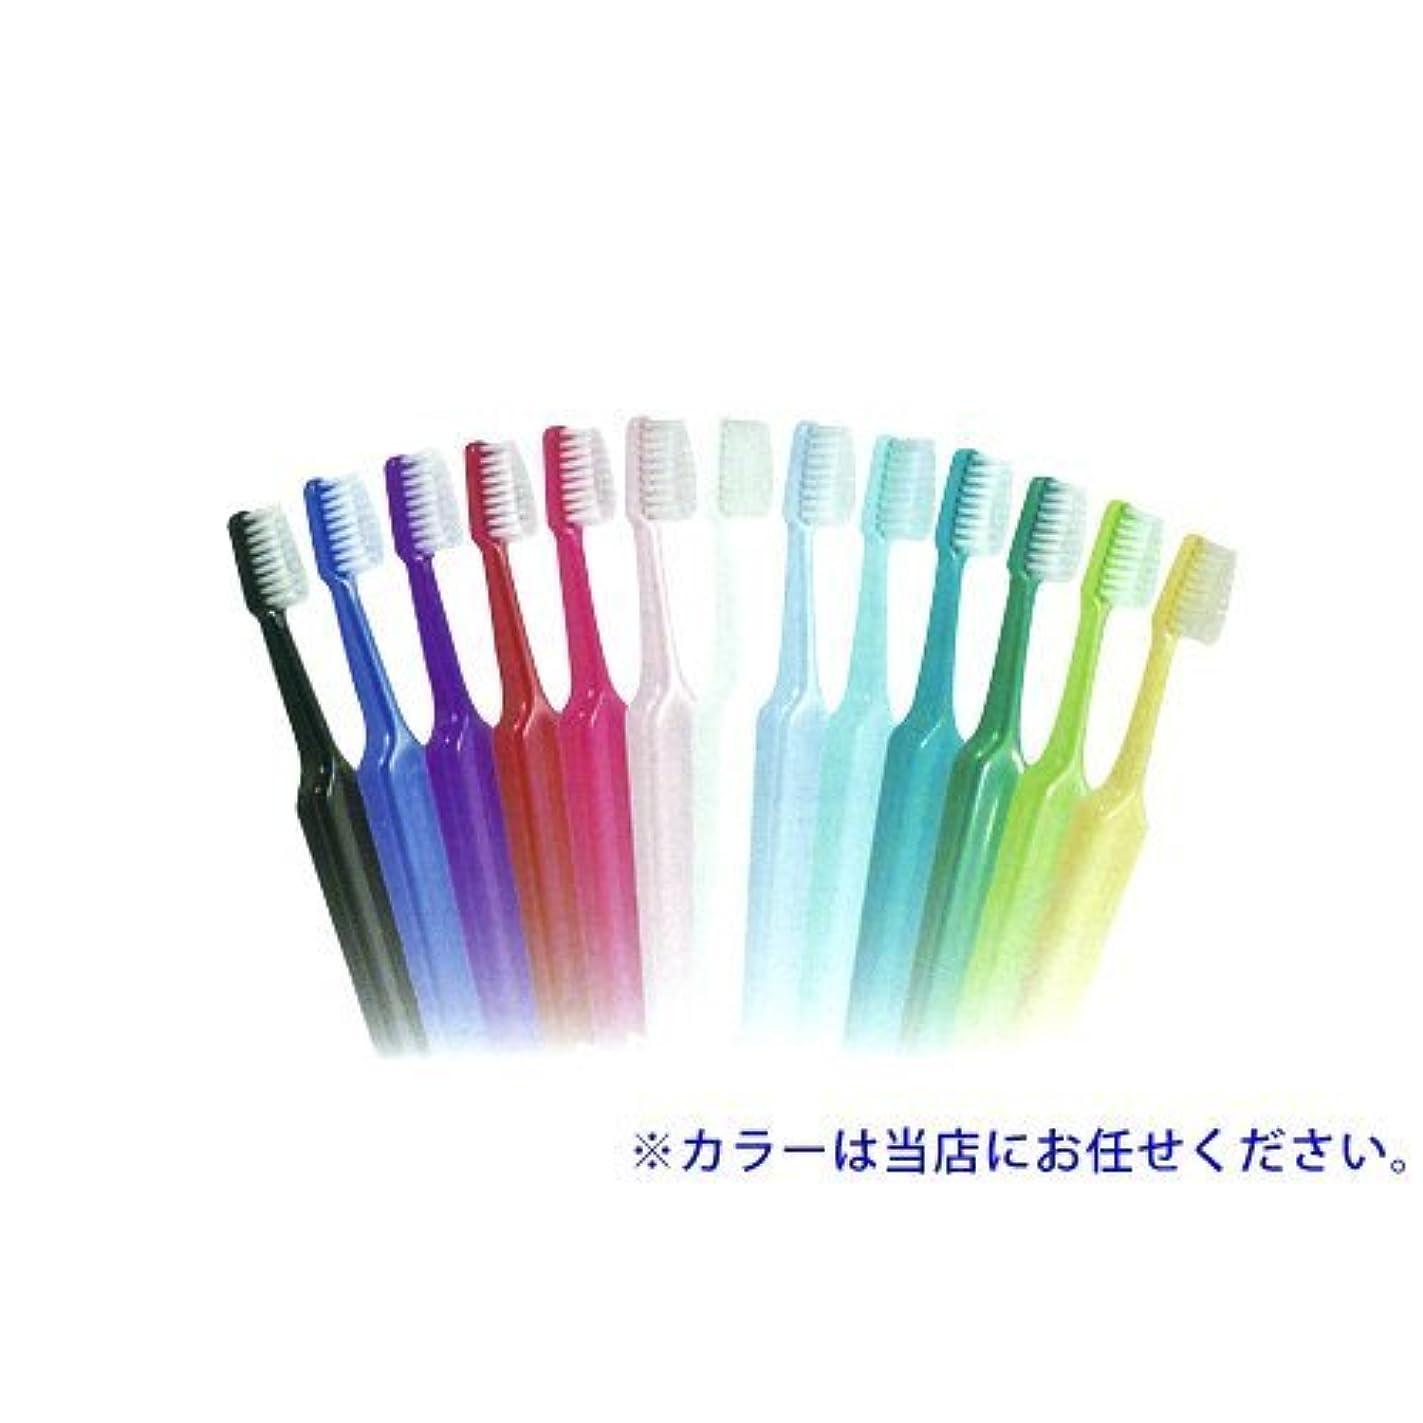 ブリーク微生物略奪Tepe歯ブラシ セレクトミニ/エクストラソフト 25本/箱